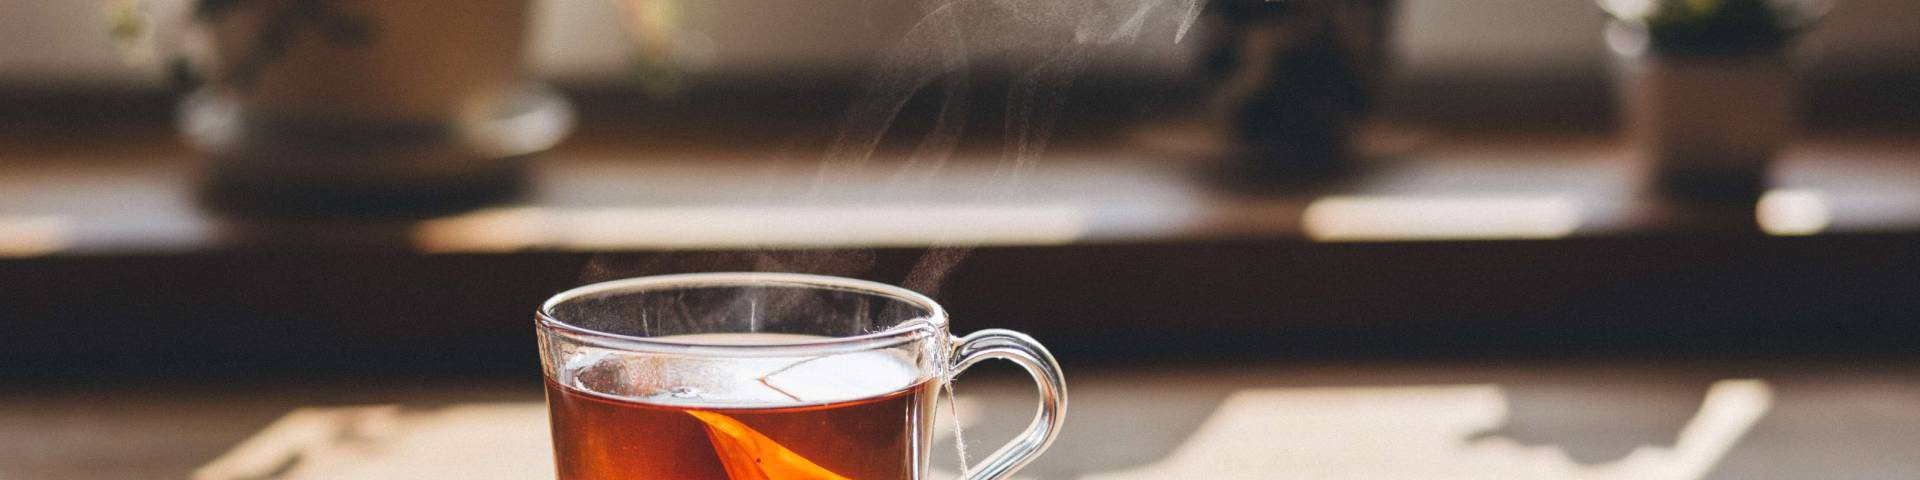 zimowe przyjemności - herbata